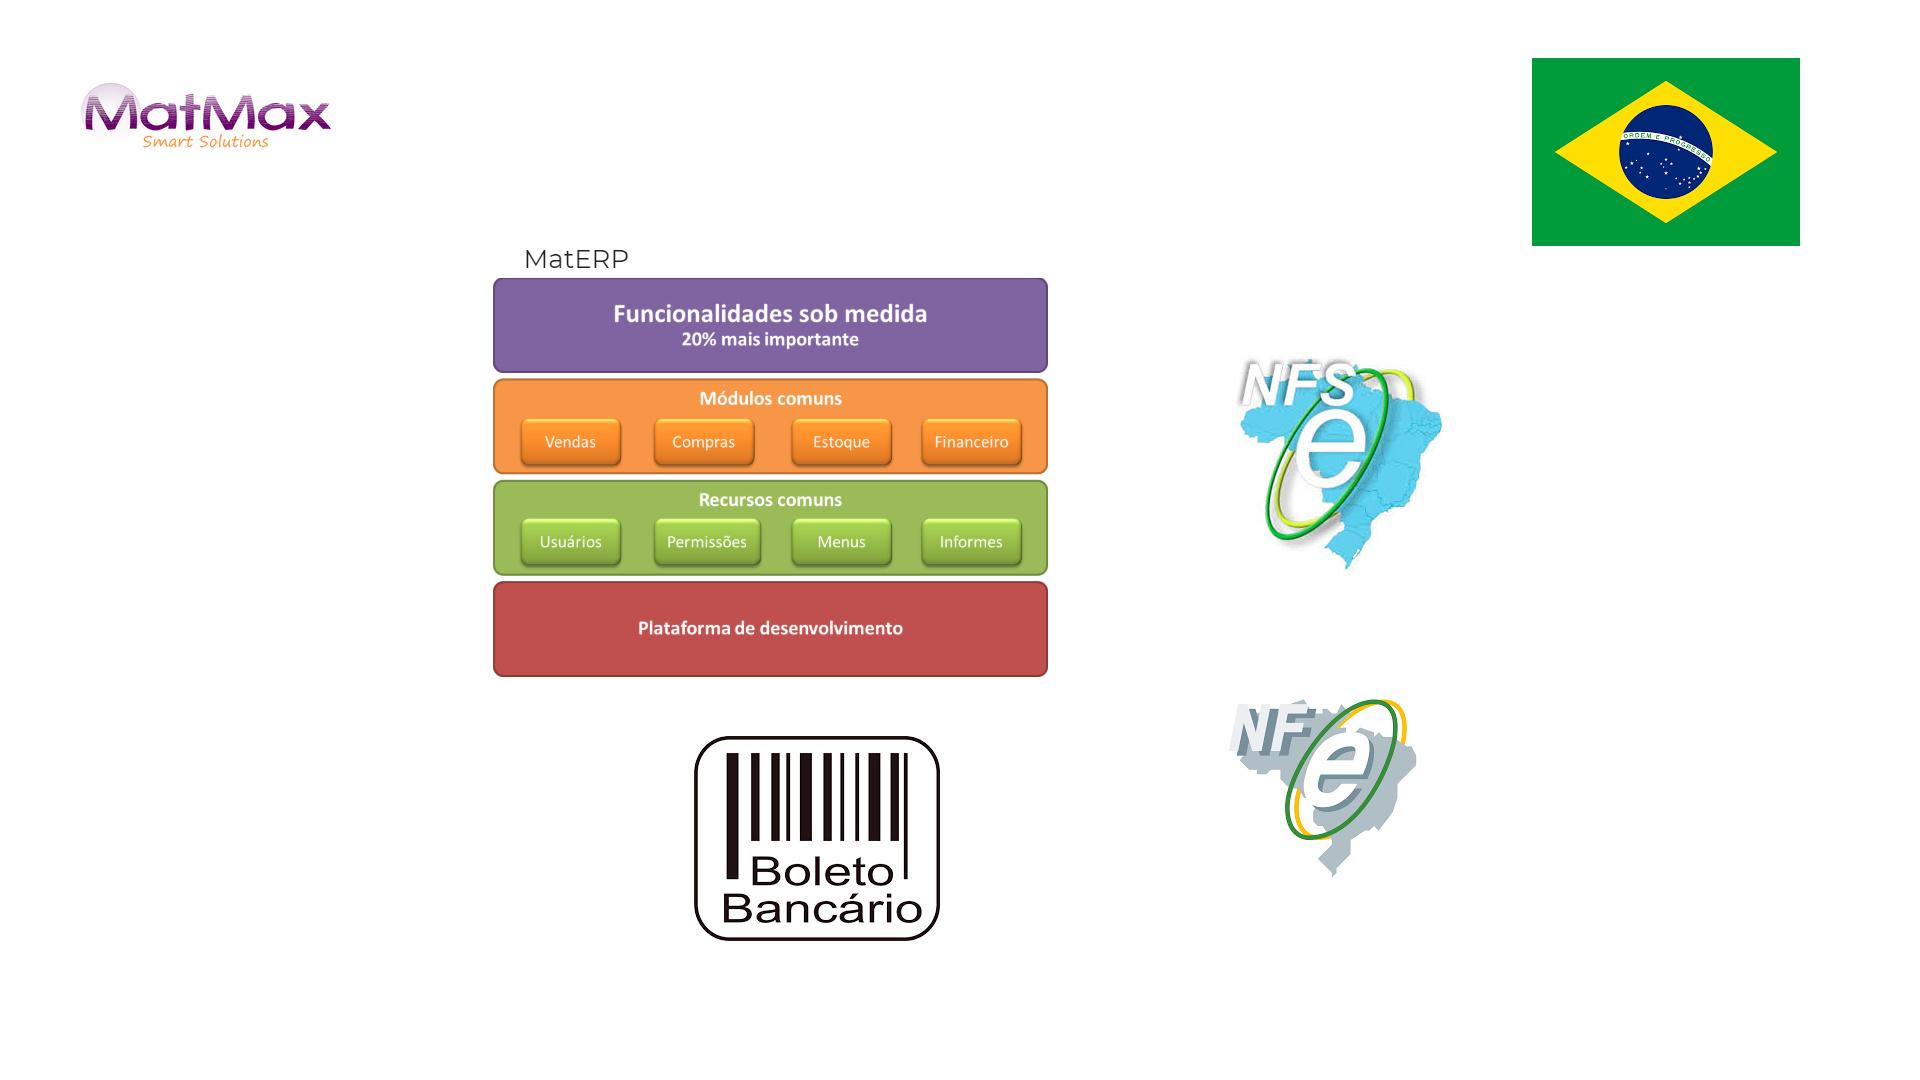 Logotipo MatERP - Brasil